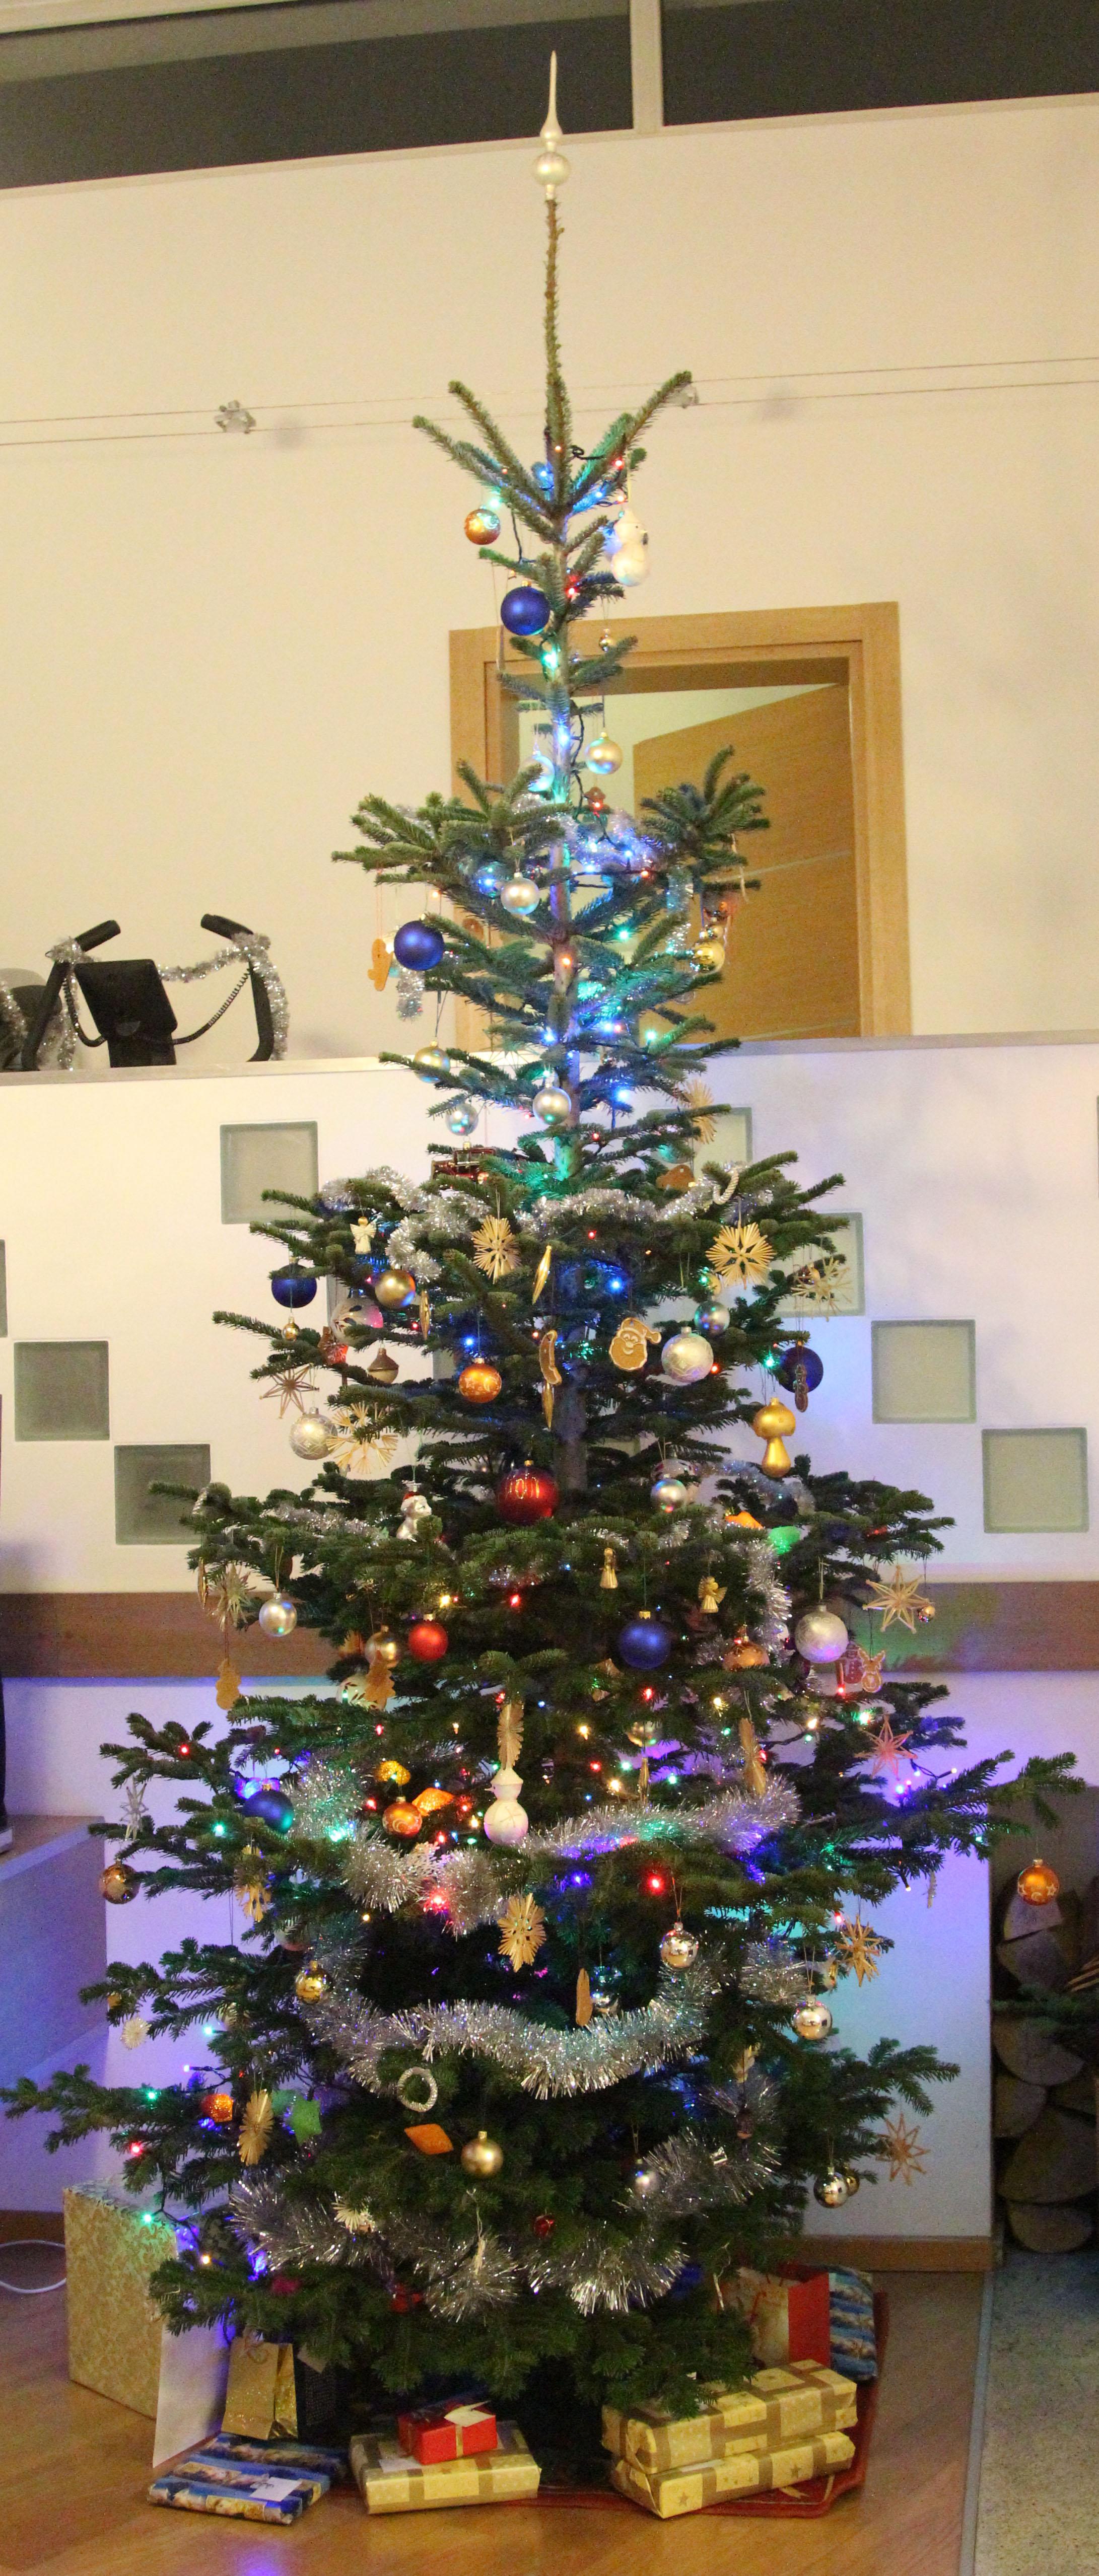 File:Polish traditional Christmas tree 2016.jpg ...